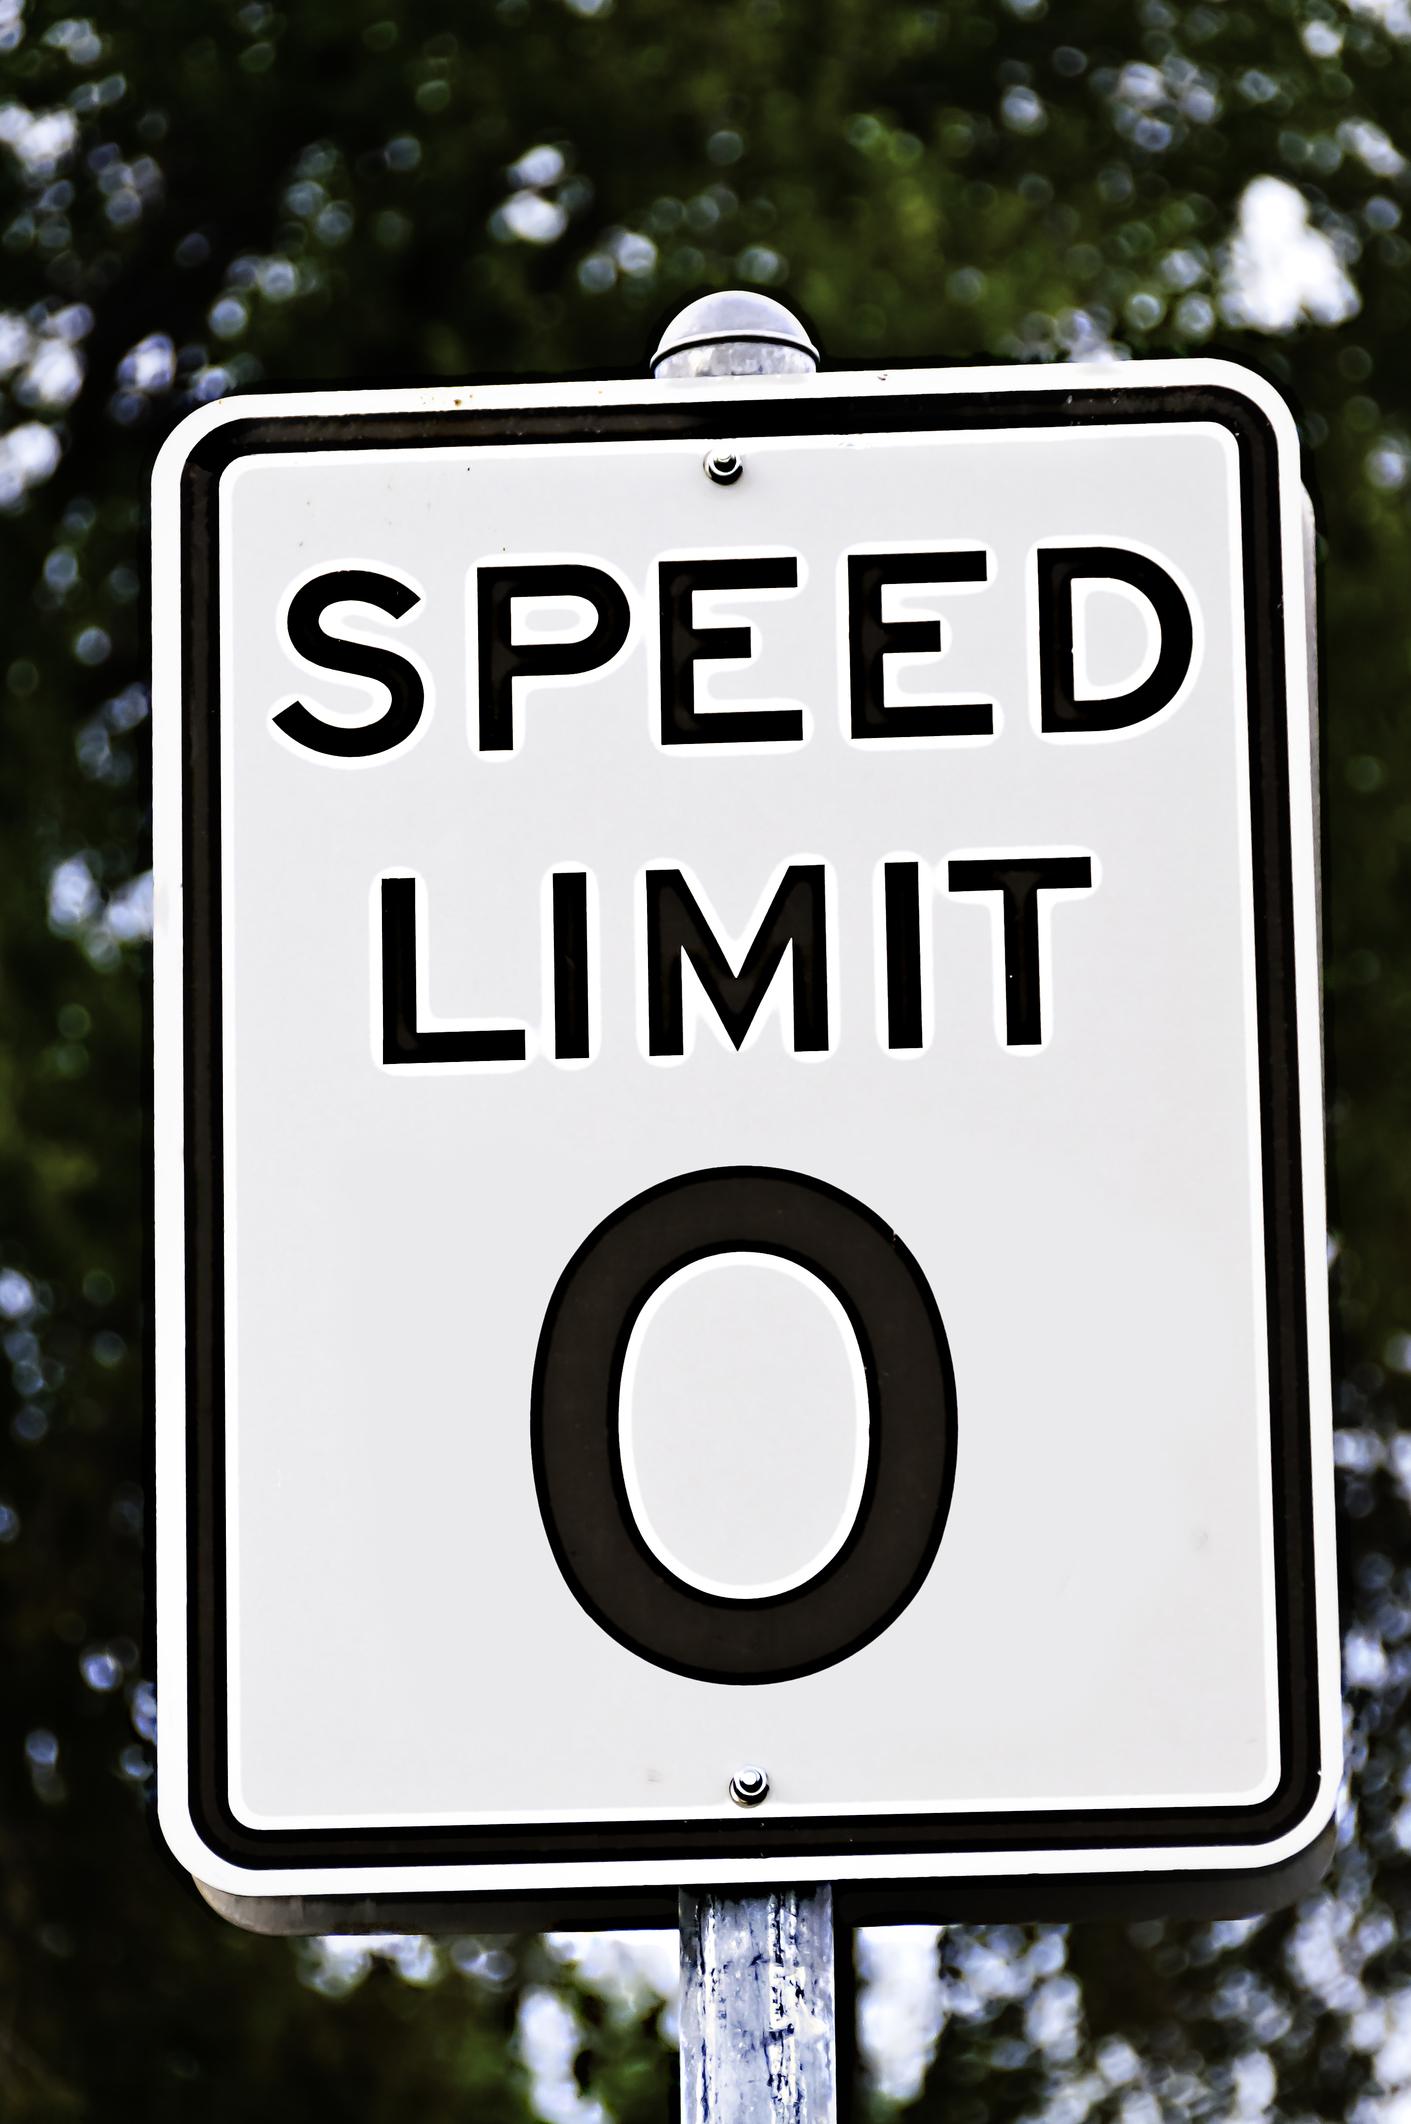 Tous la même limite de vitesse?